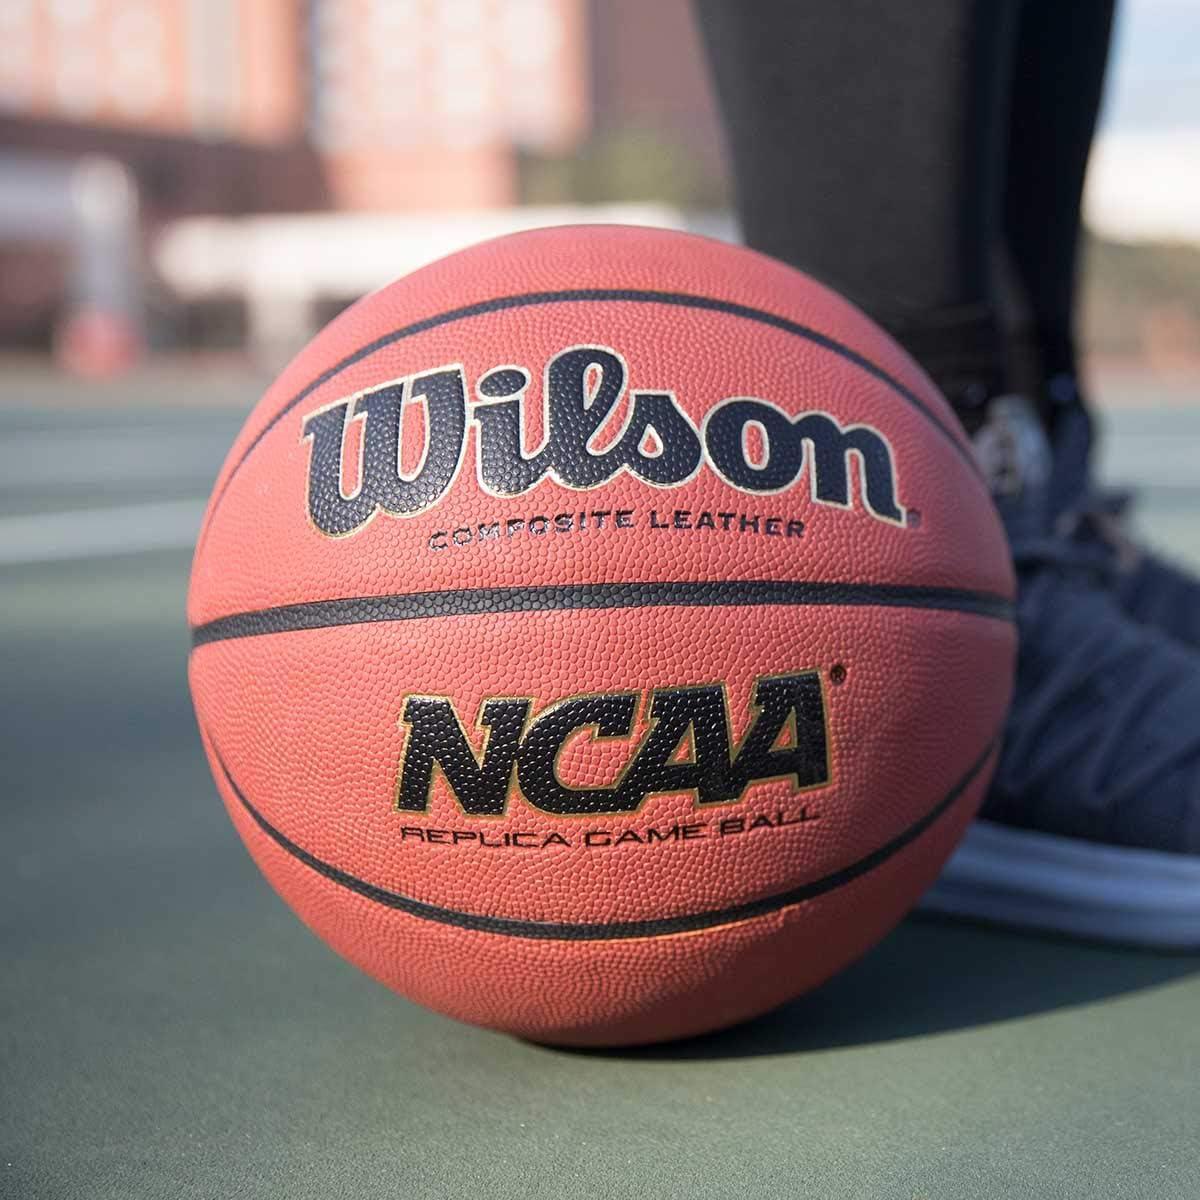 Wilson NCAA réplica Juego Baloncesto - WTB0731, Marrón: Amazon.es ...